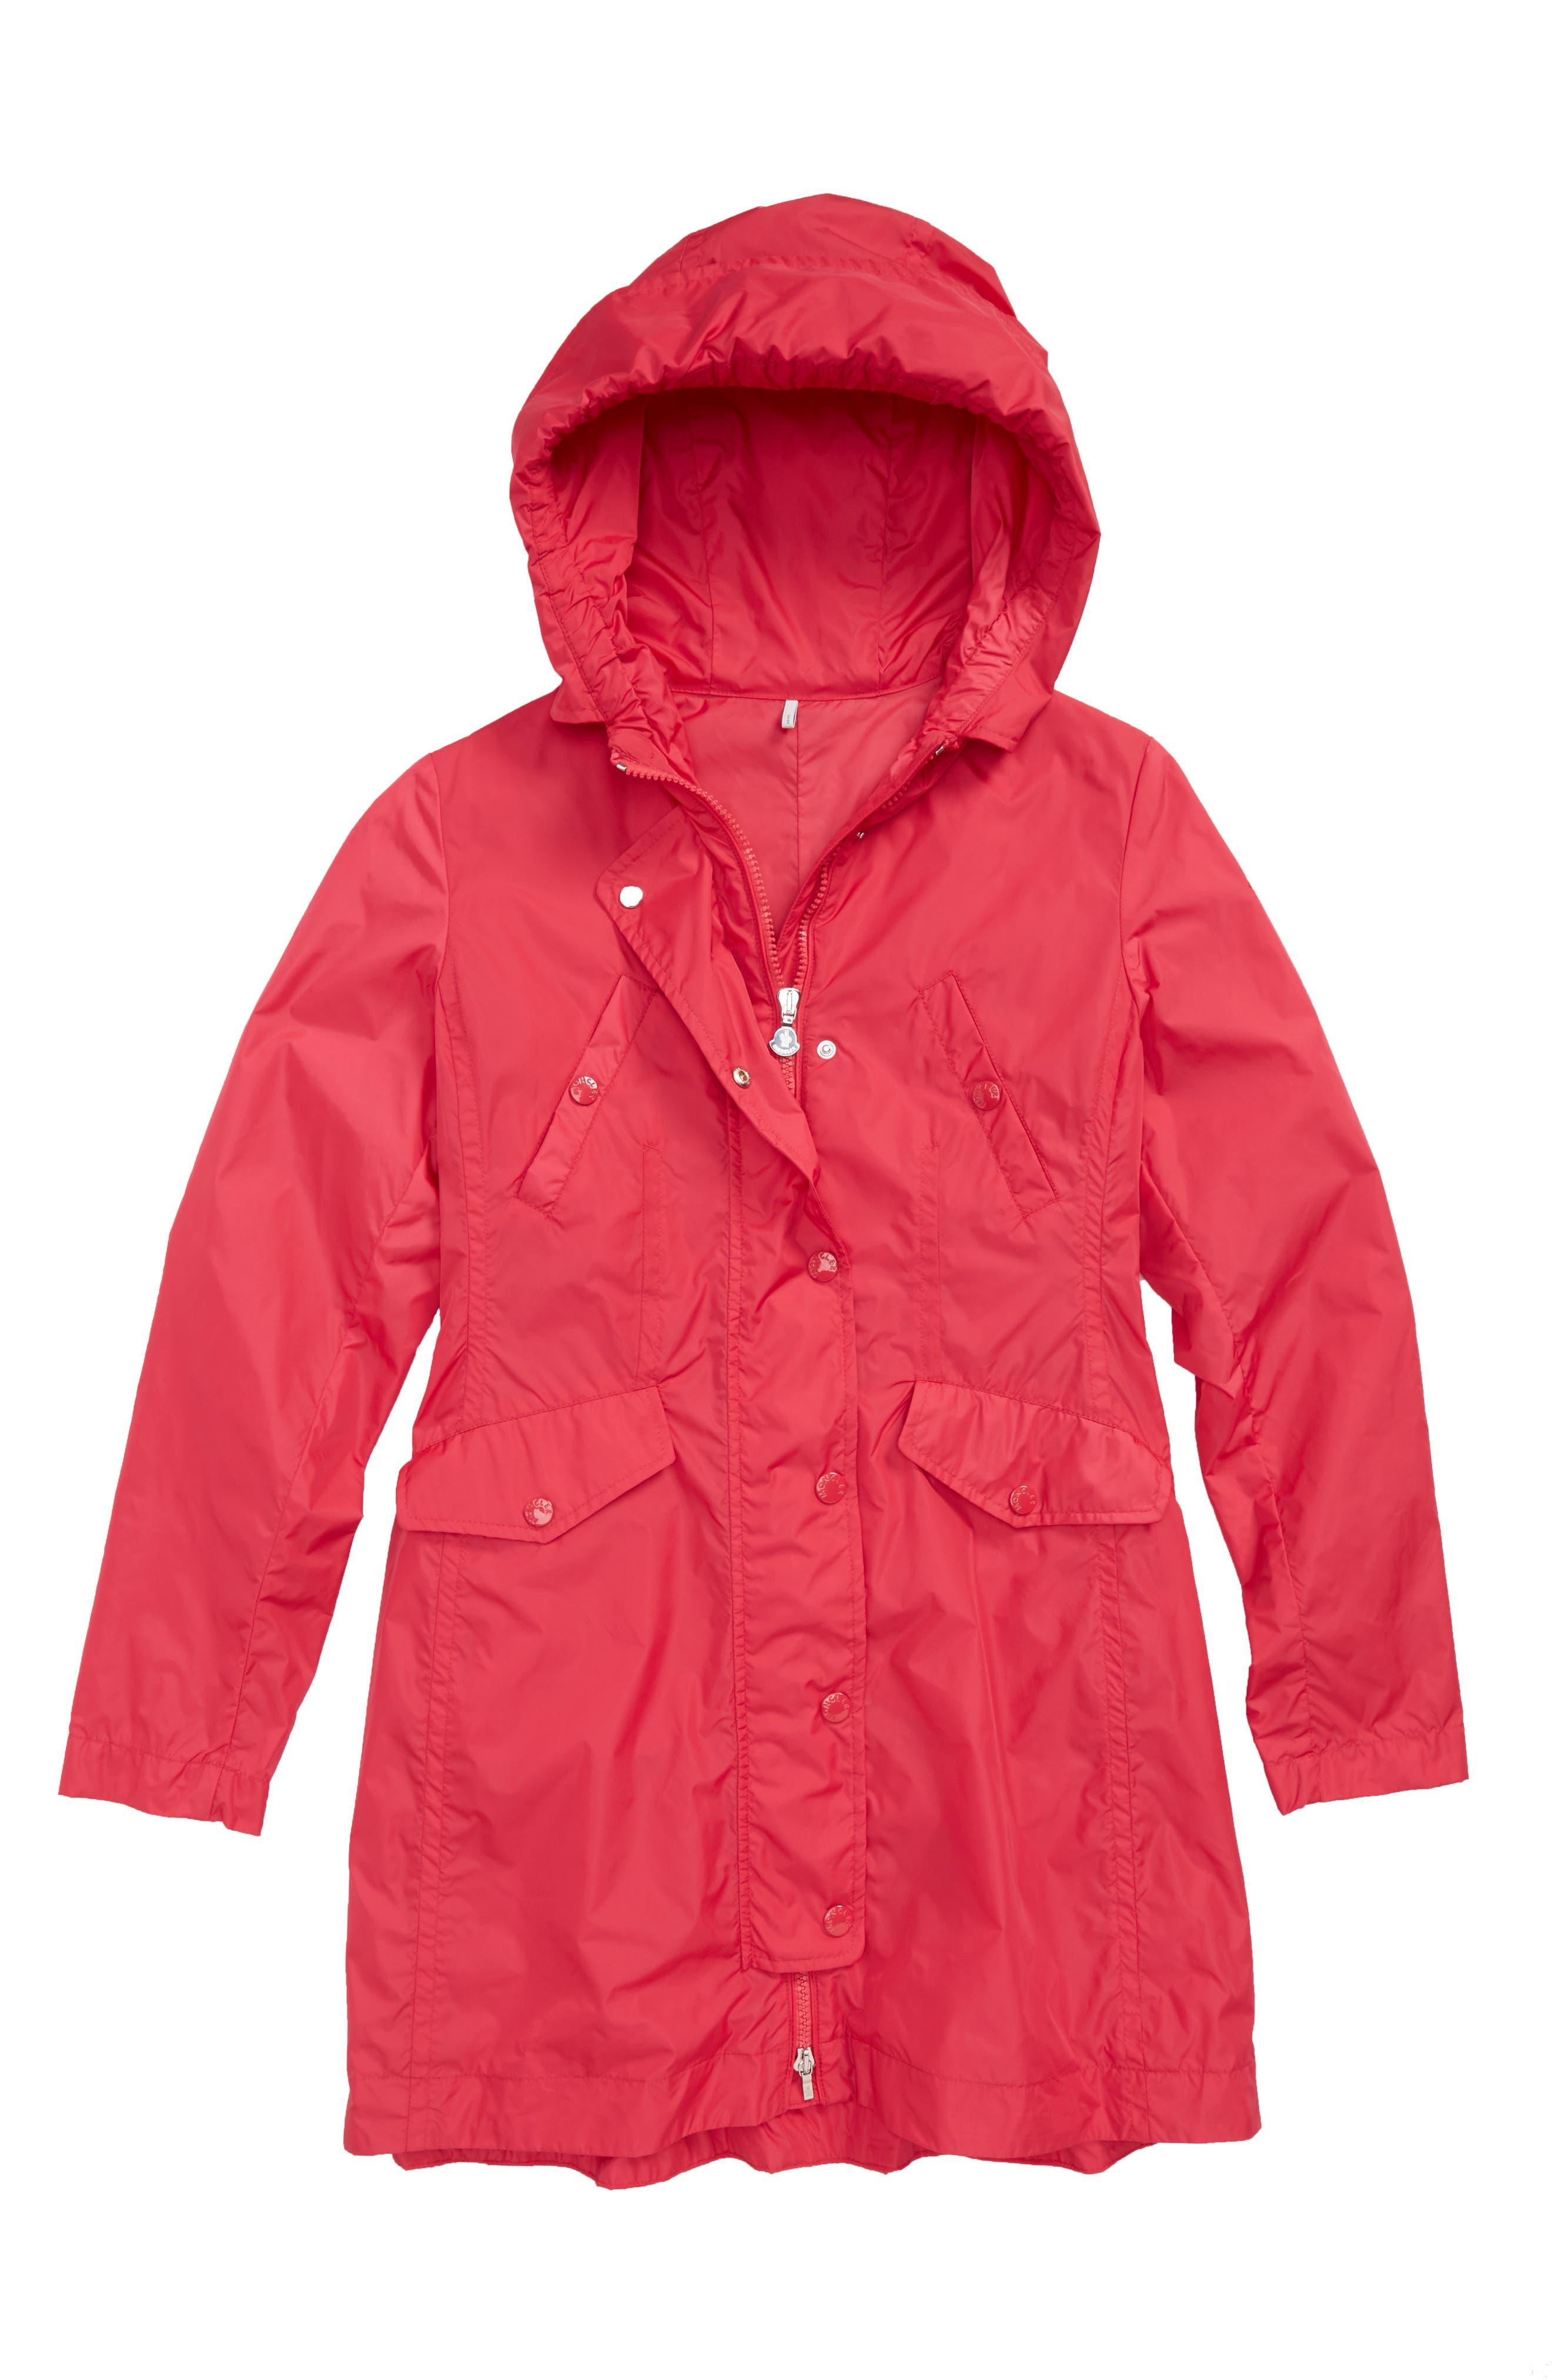 Audrey Longline Raincoat,                             Main thumbnail 1, color,                             650